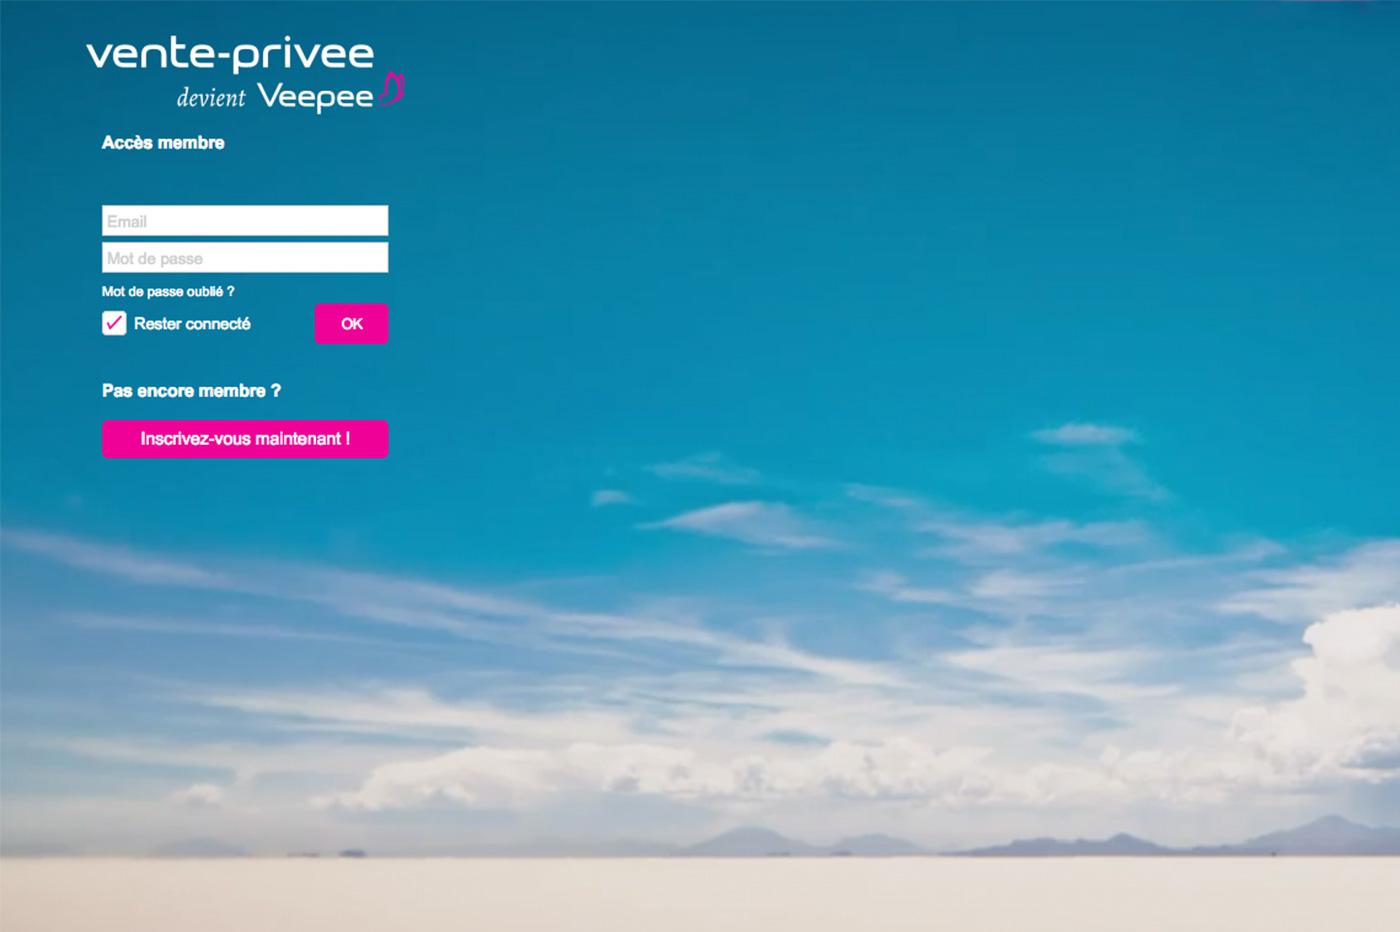 Vente-privée.com change de nom